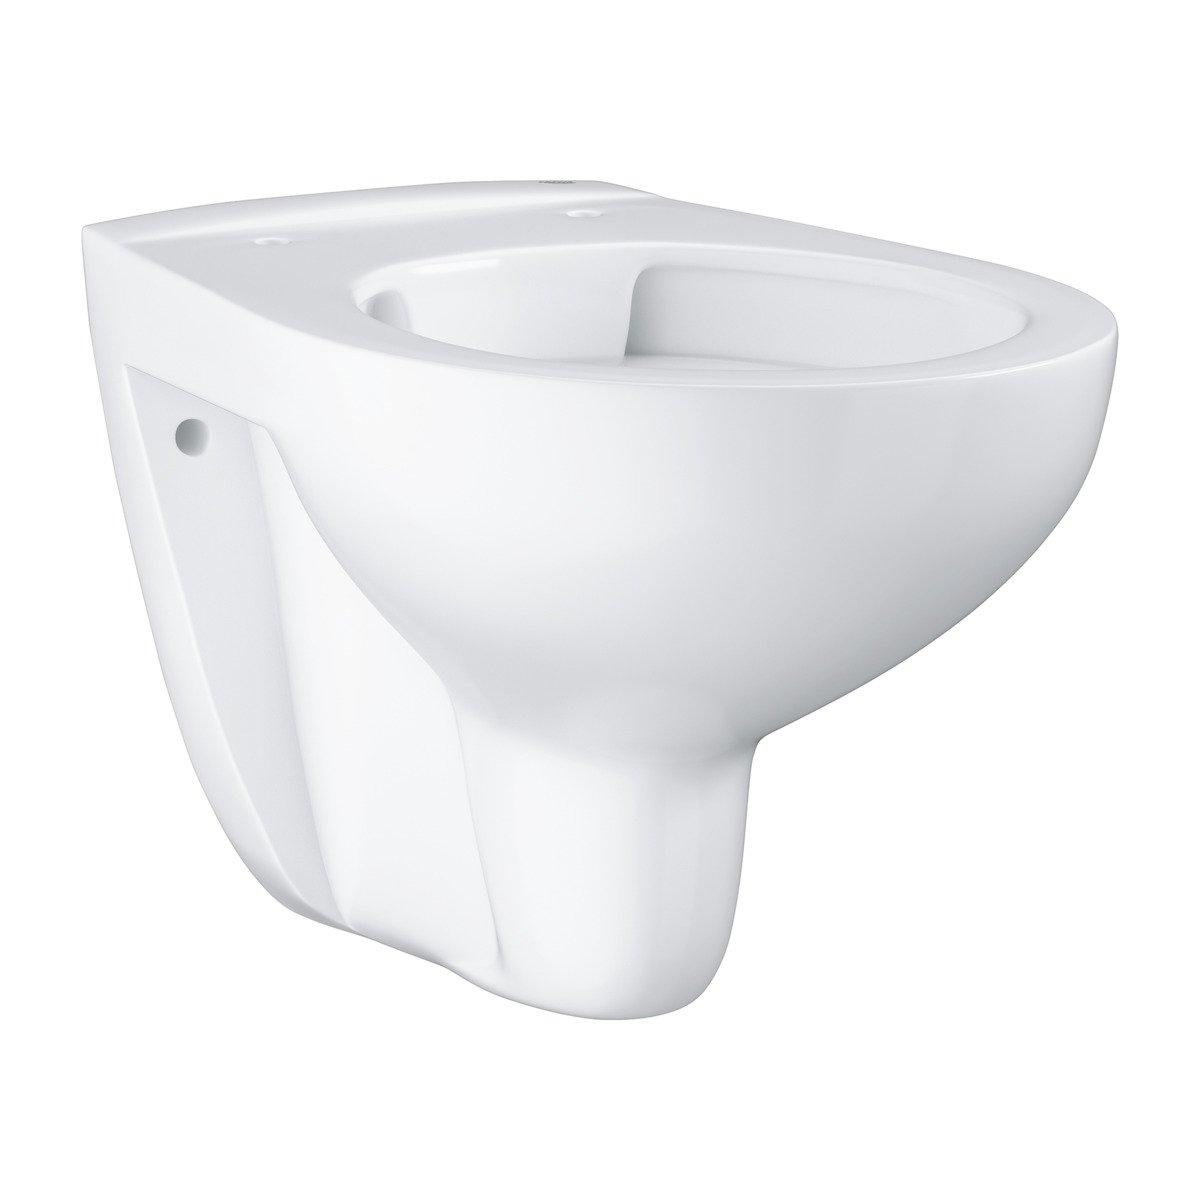 Grohe Wc Suspendu Sans Brime Avec Abattant Softclose Et encequiconcerne Toilette Suspendu Grohe